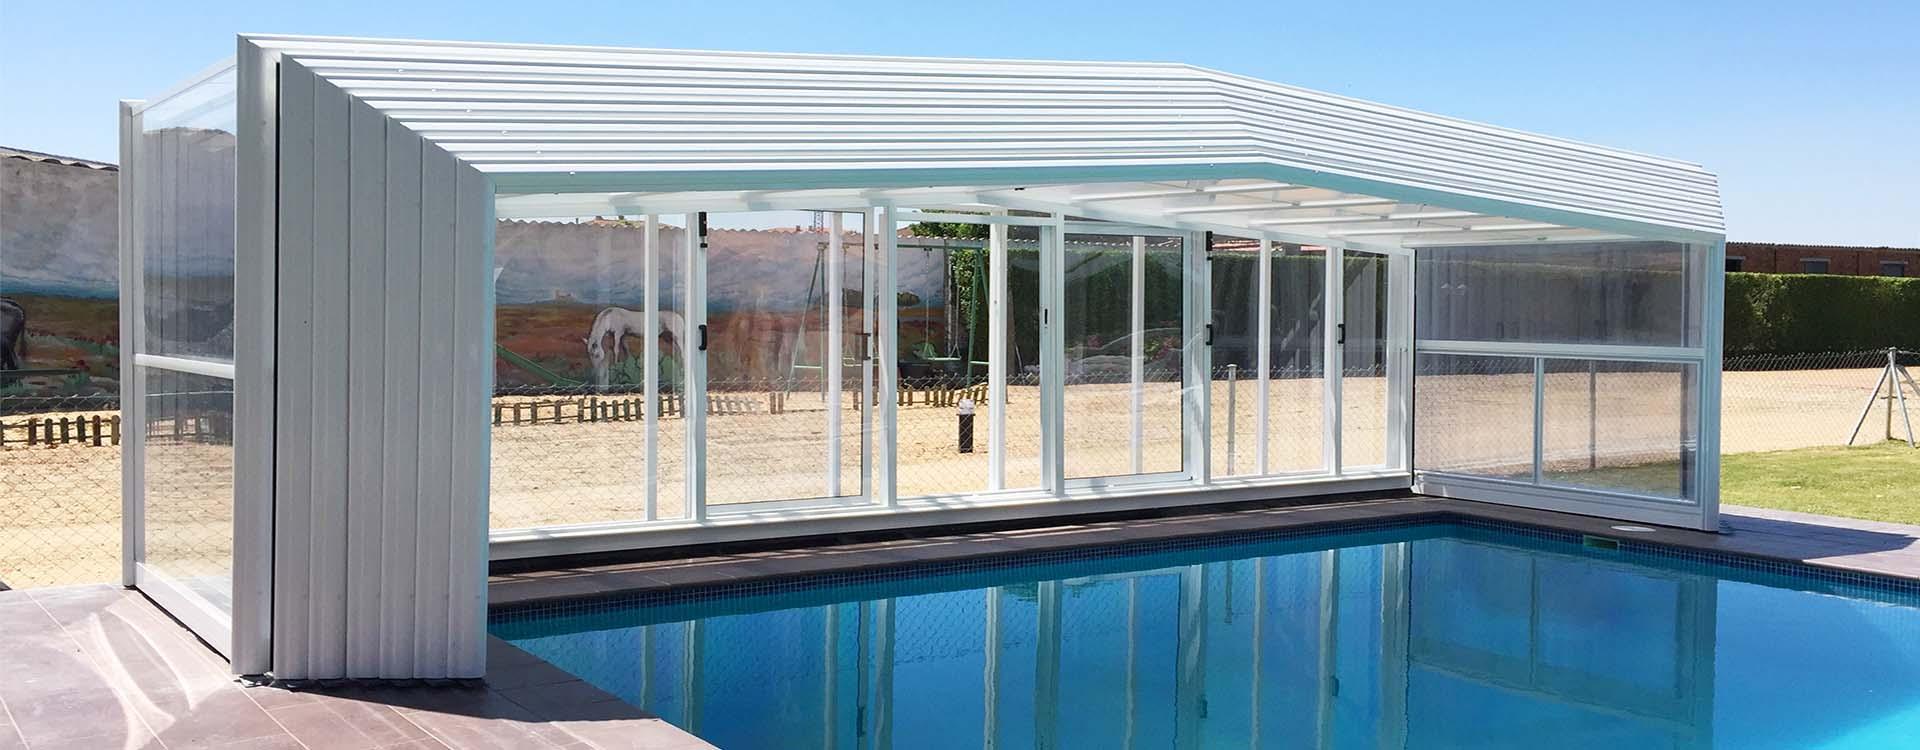 Cubiertas de piscinas y cerramientos modelos 2018 calidad for Cubiertas para techos de casas